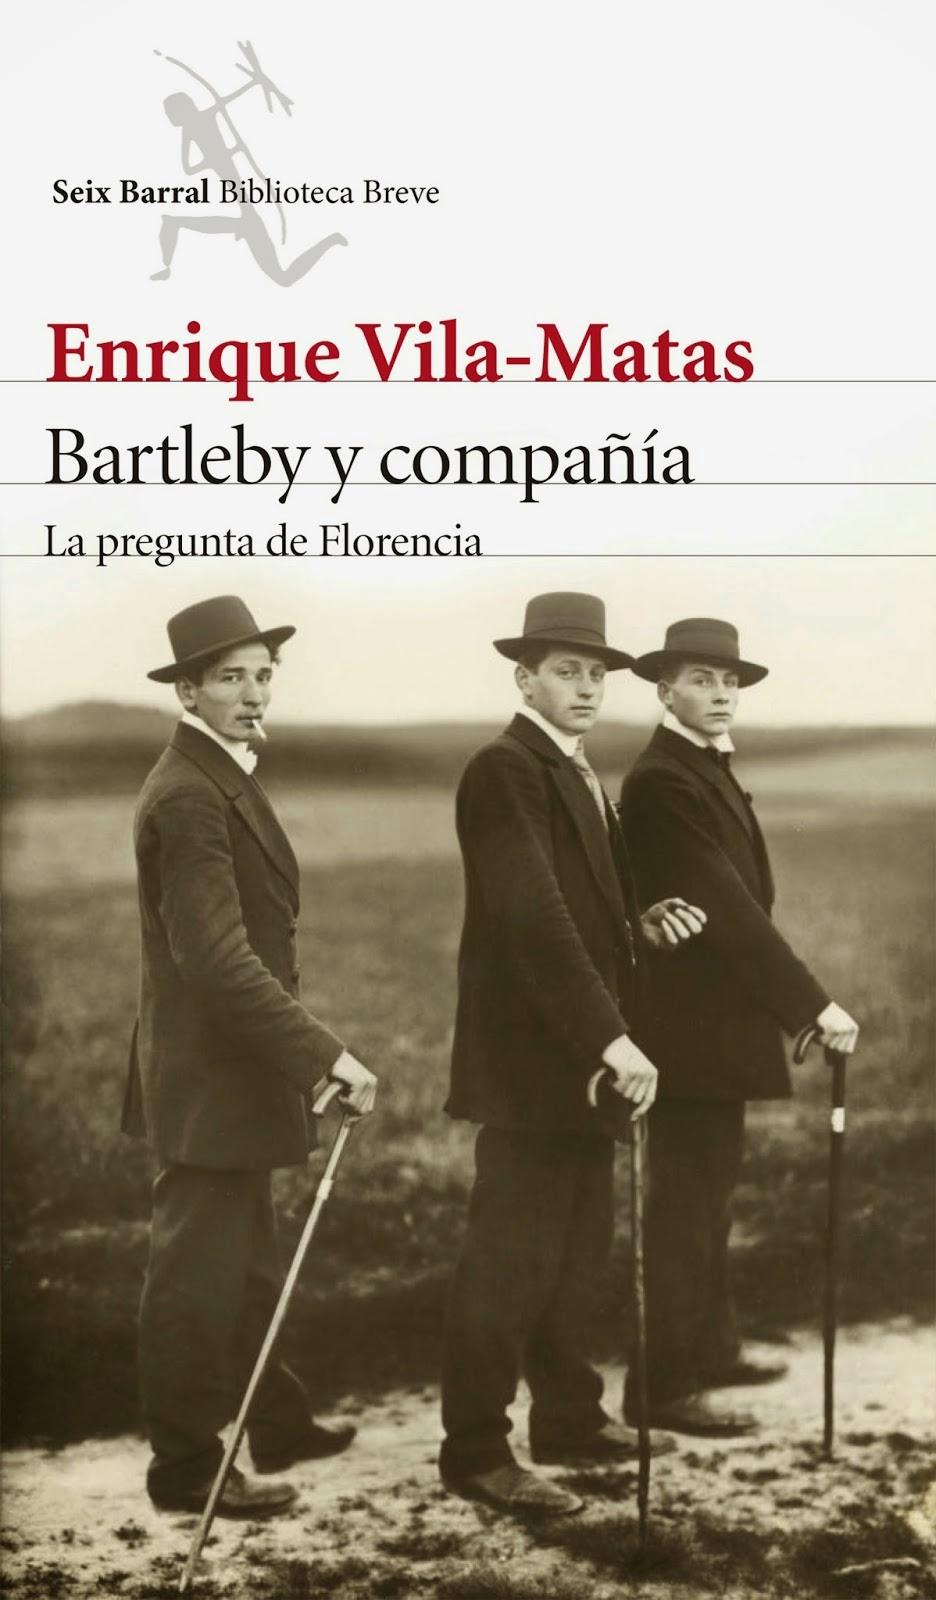 http://encuentrosconlasletras.blogspot.com.es/2015/04/bartleby-y-compania.html